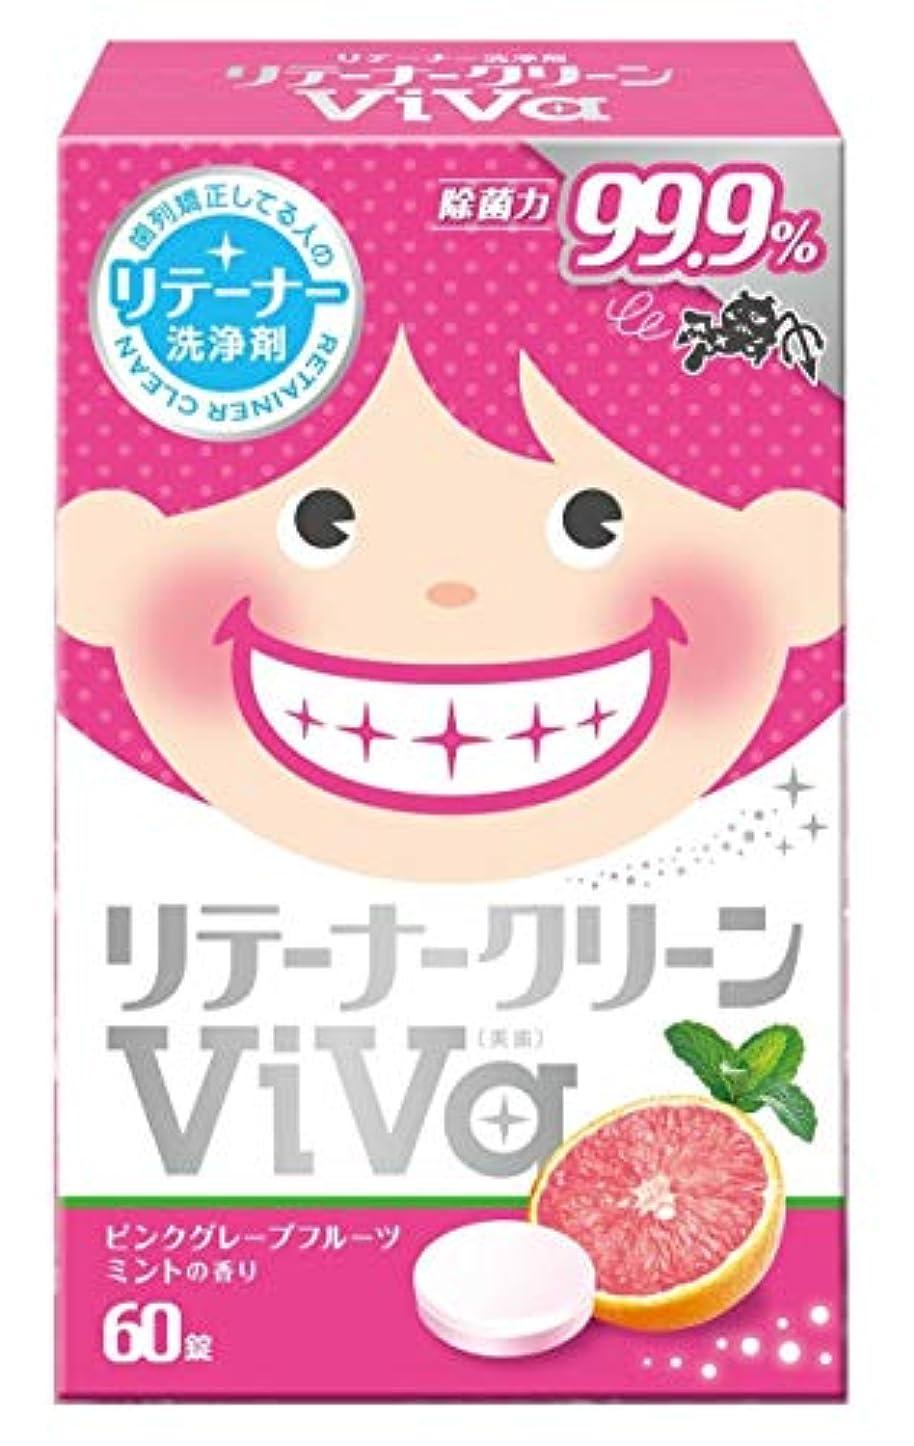 句コメント軽蔑リテーナークリーン ViVa 60錠 歯列矯正している人のリテーナー洗浄剤